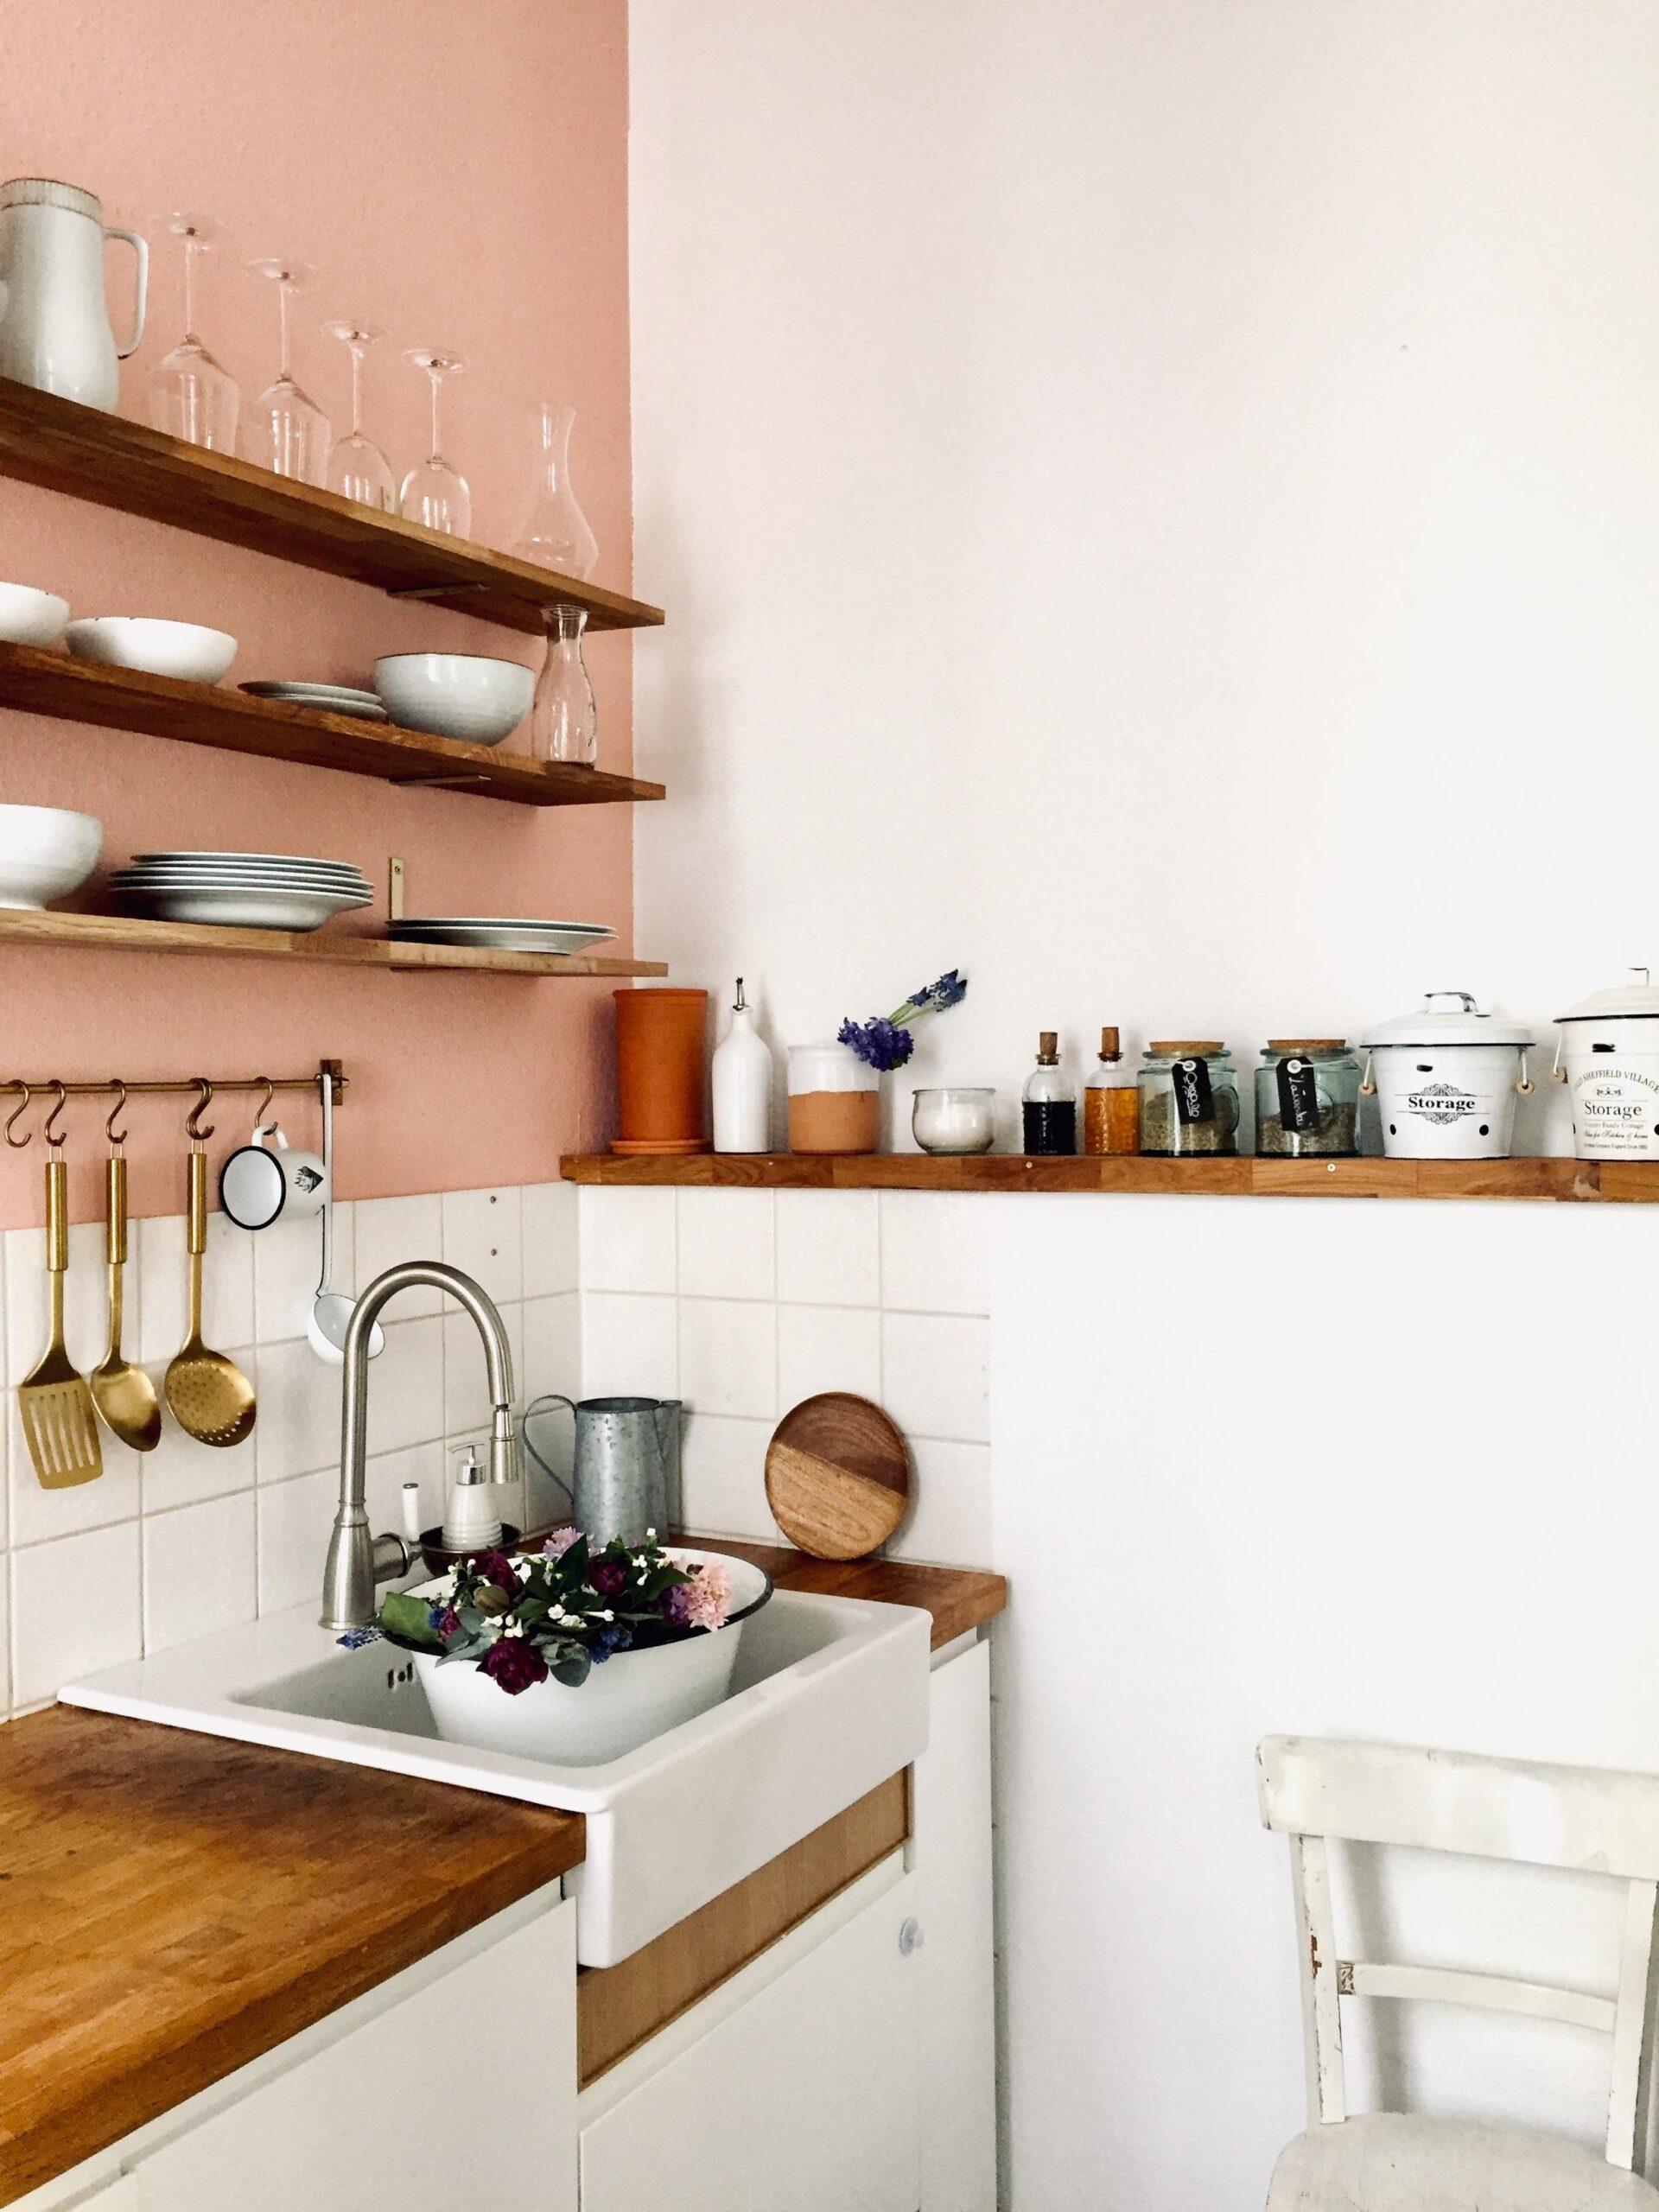 Full Size of Landhausküche Wandfarbe Kcheneinrichtung Bilder Ideen Couch Weiß Gebraucht Grau Moderne Weisse Wohnzimmer Landhausküche Wandfarbe